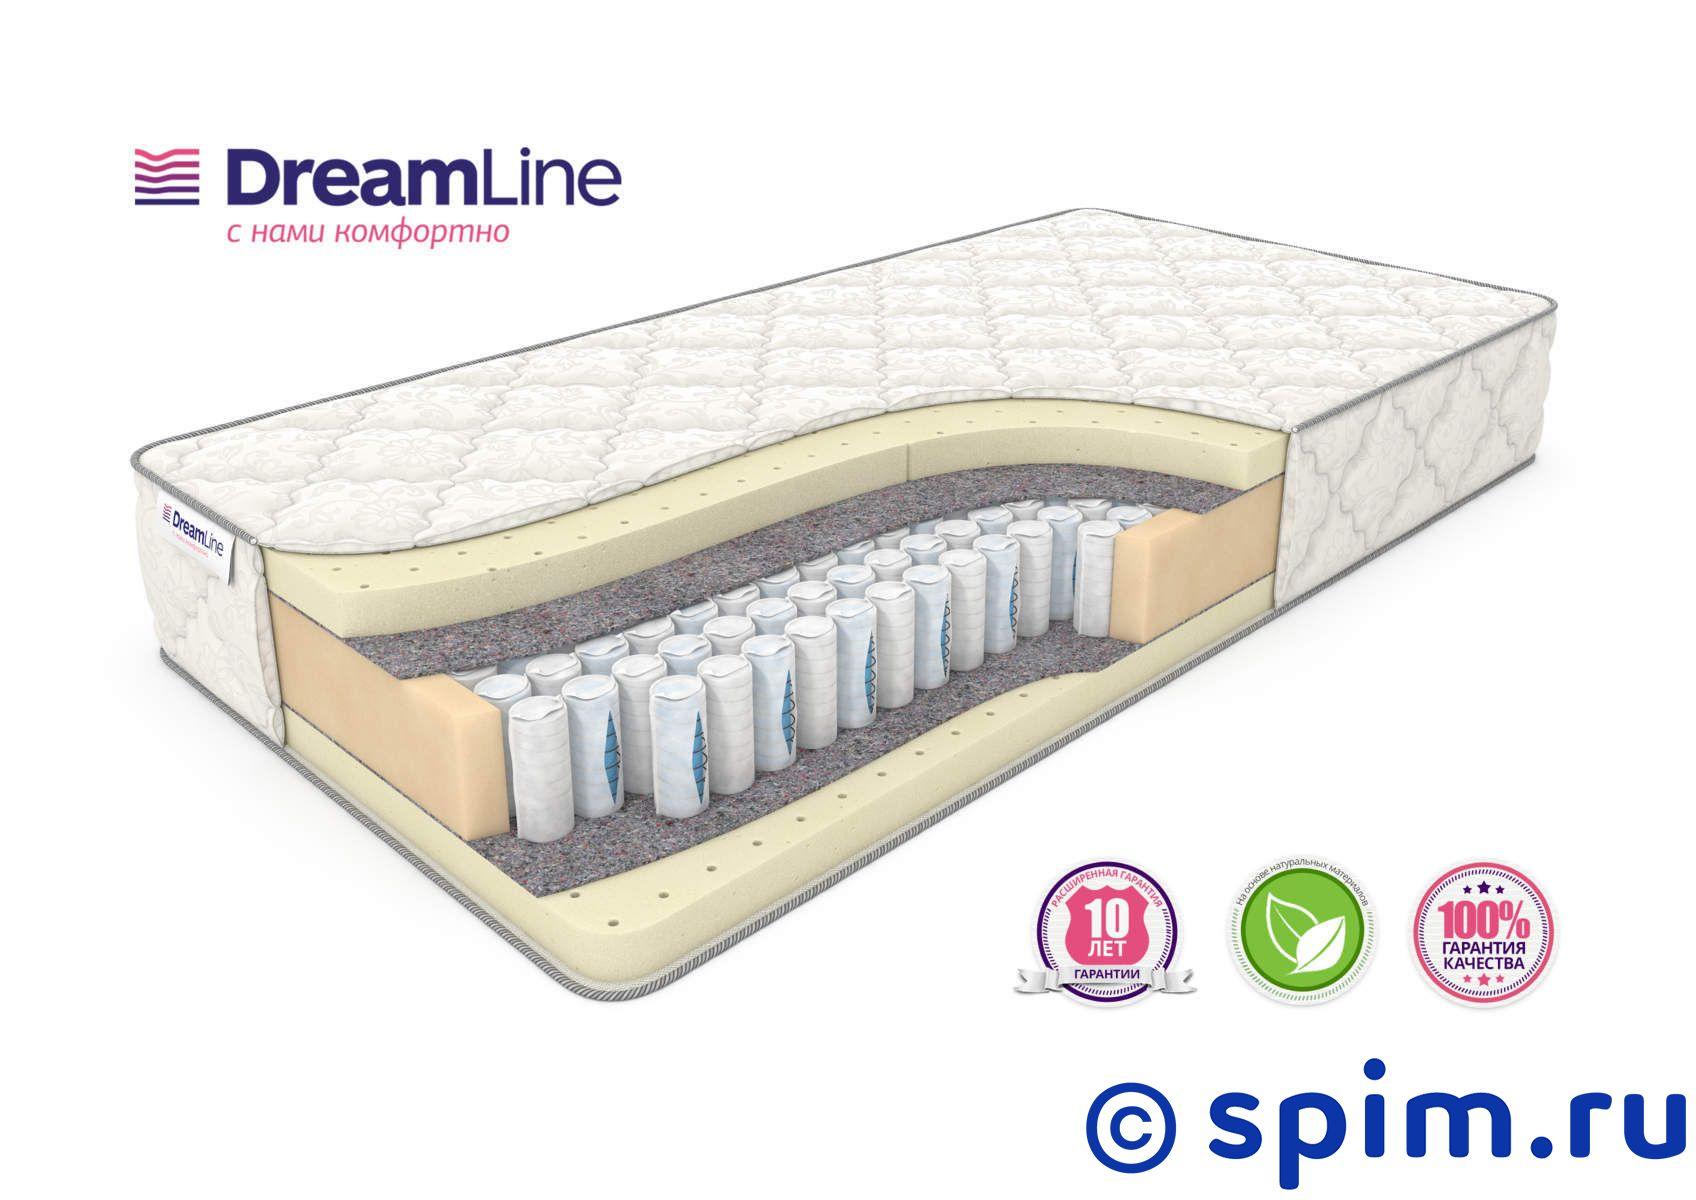 Матрас DreamLine Prime Soft Ds 140х200 смМатрасы DreamLine Prime<br>Мягкий матрас на независимых пружинах Дуэт (250+108 шт/м2), с прослойками натурального латекса. Несъемный чехол из трикотажа. Высота: 27 см. Нагрузка: до 150 кг. Размер ДримЛайн Приме Софт Дс двуспальный: 140 x 200 см<br><br>Ширина см: 140<br>Длина см: 200<br>Линейка: Prime